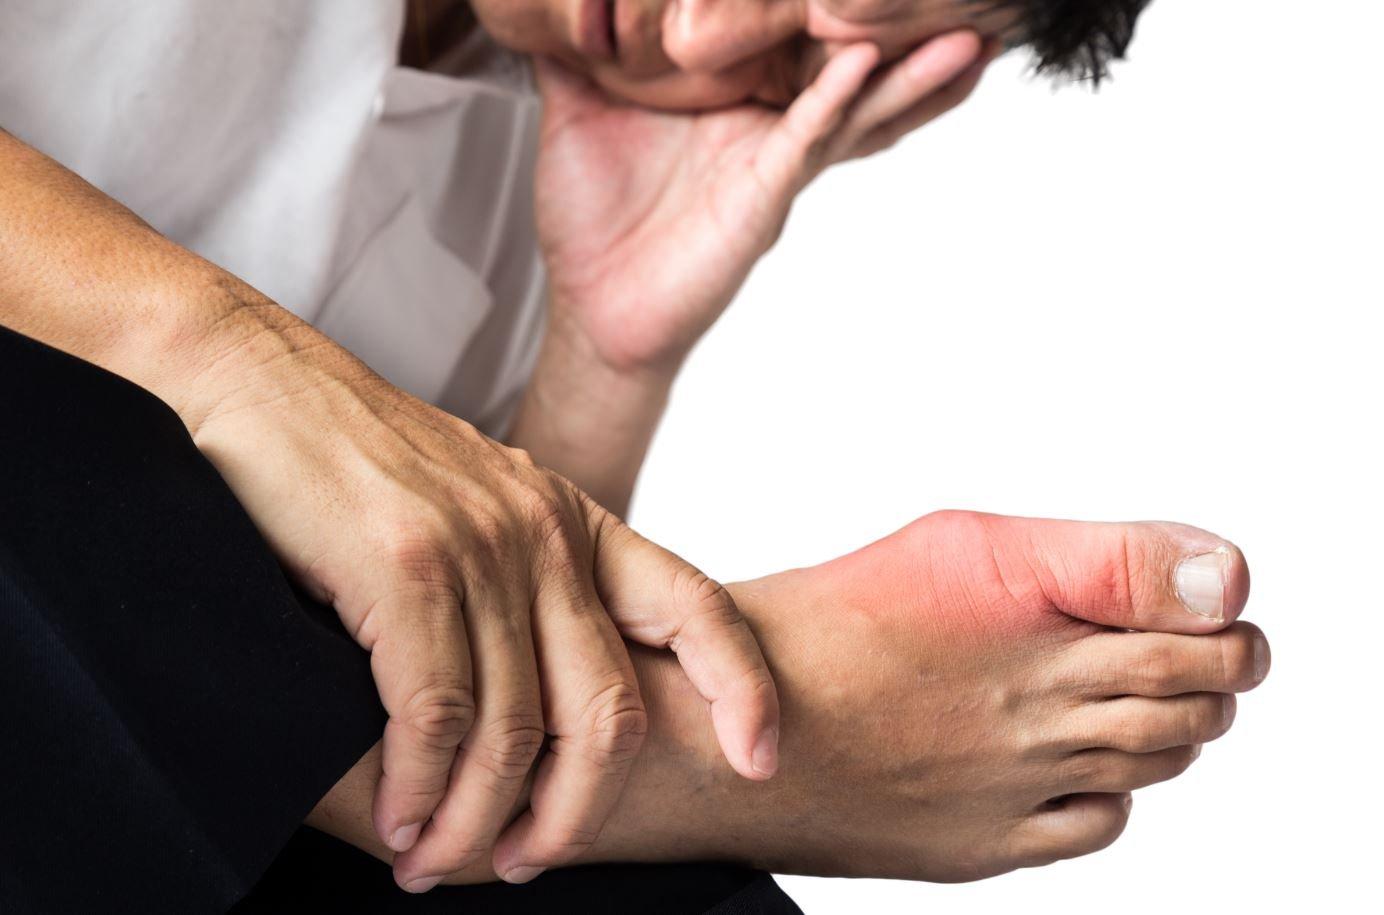 Putika - znaki, simptomi, preventiva in zdravljenje